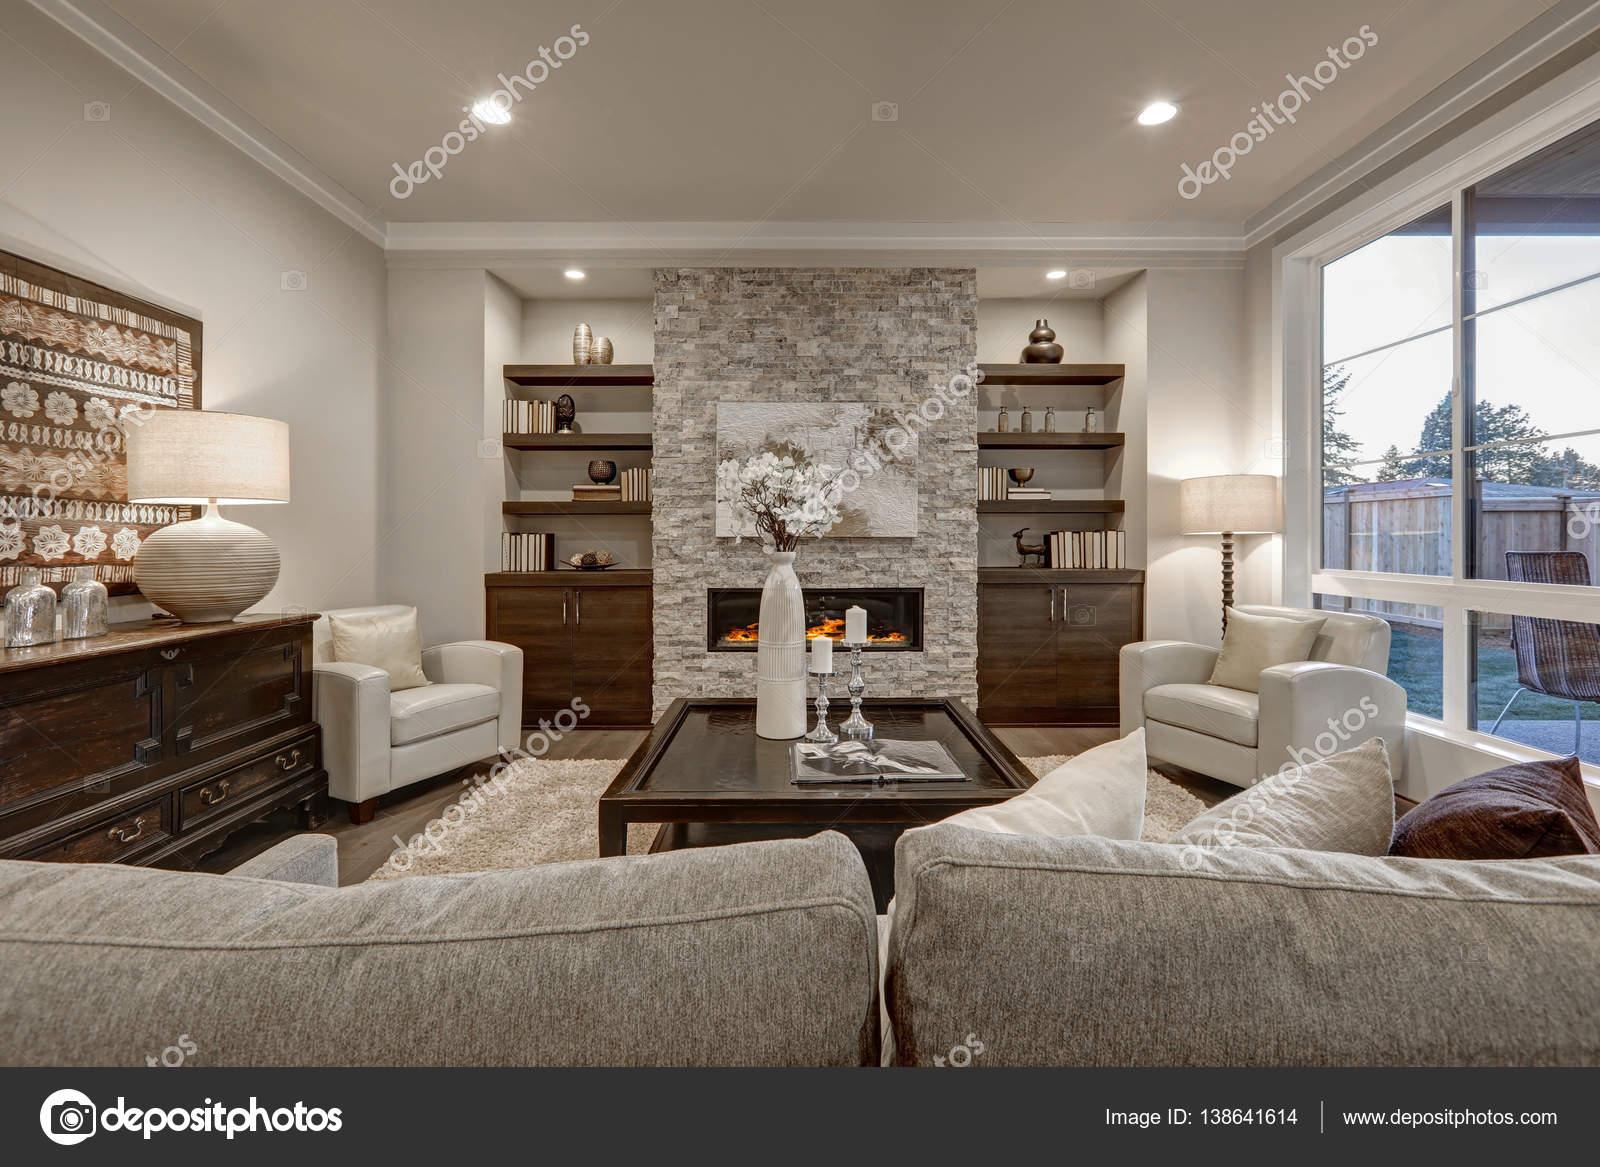 woonkamer interieur in grijs en bruin kleuren functies stenen open haard met ingebouwde planken en kasten grote donker gekleurd cocktail tabel atop beige